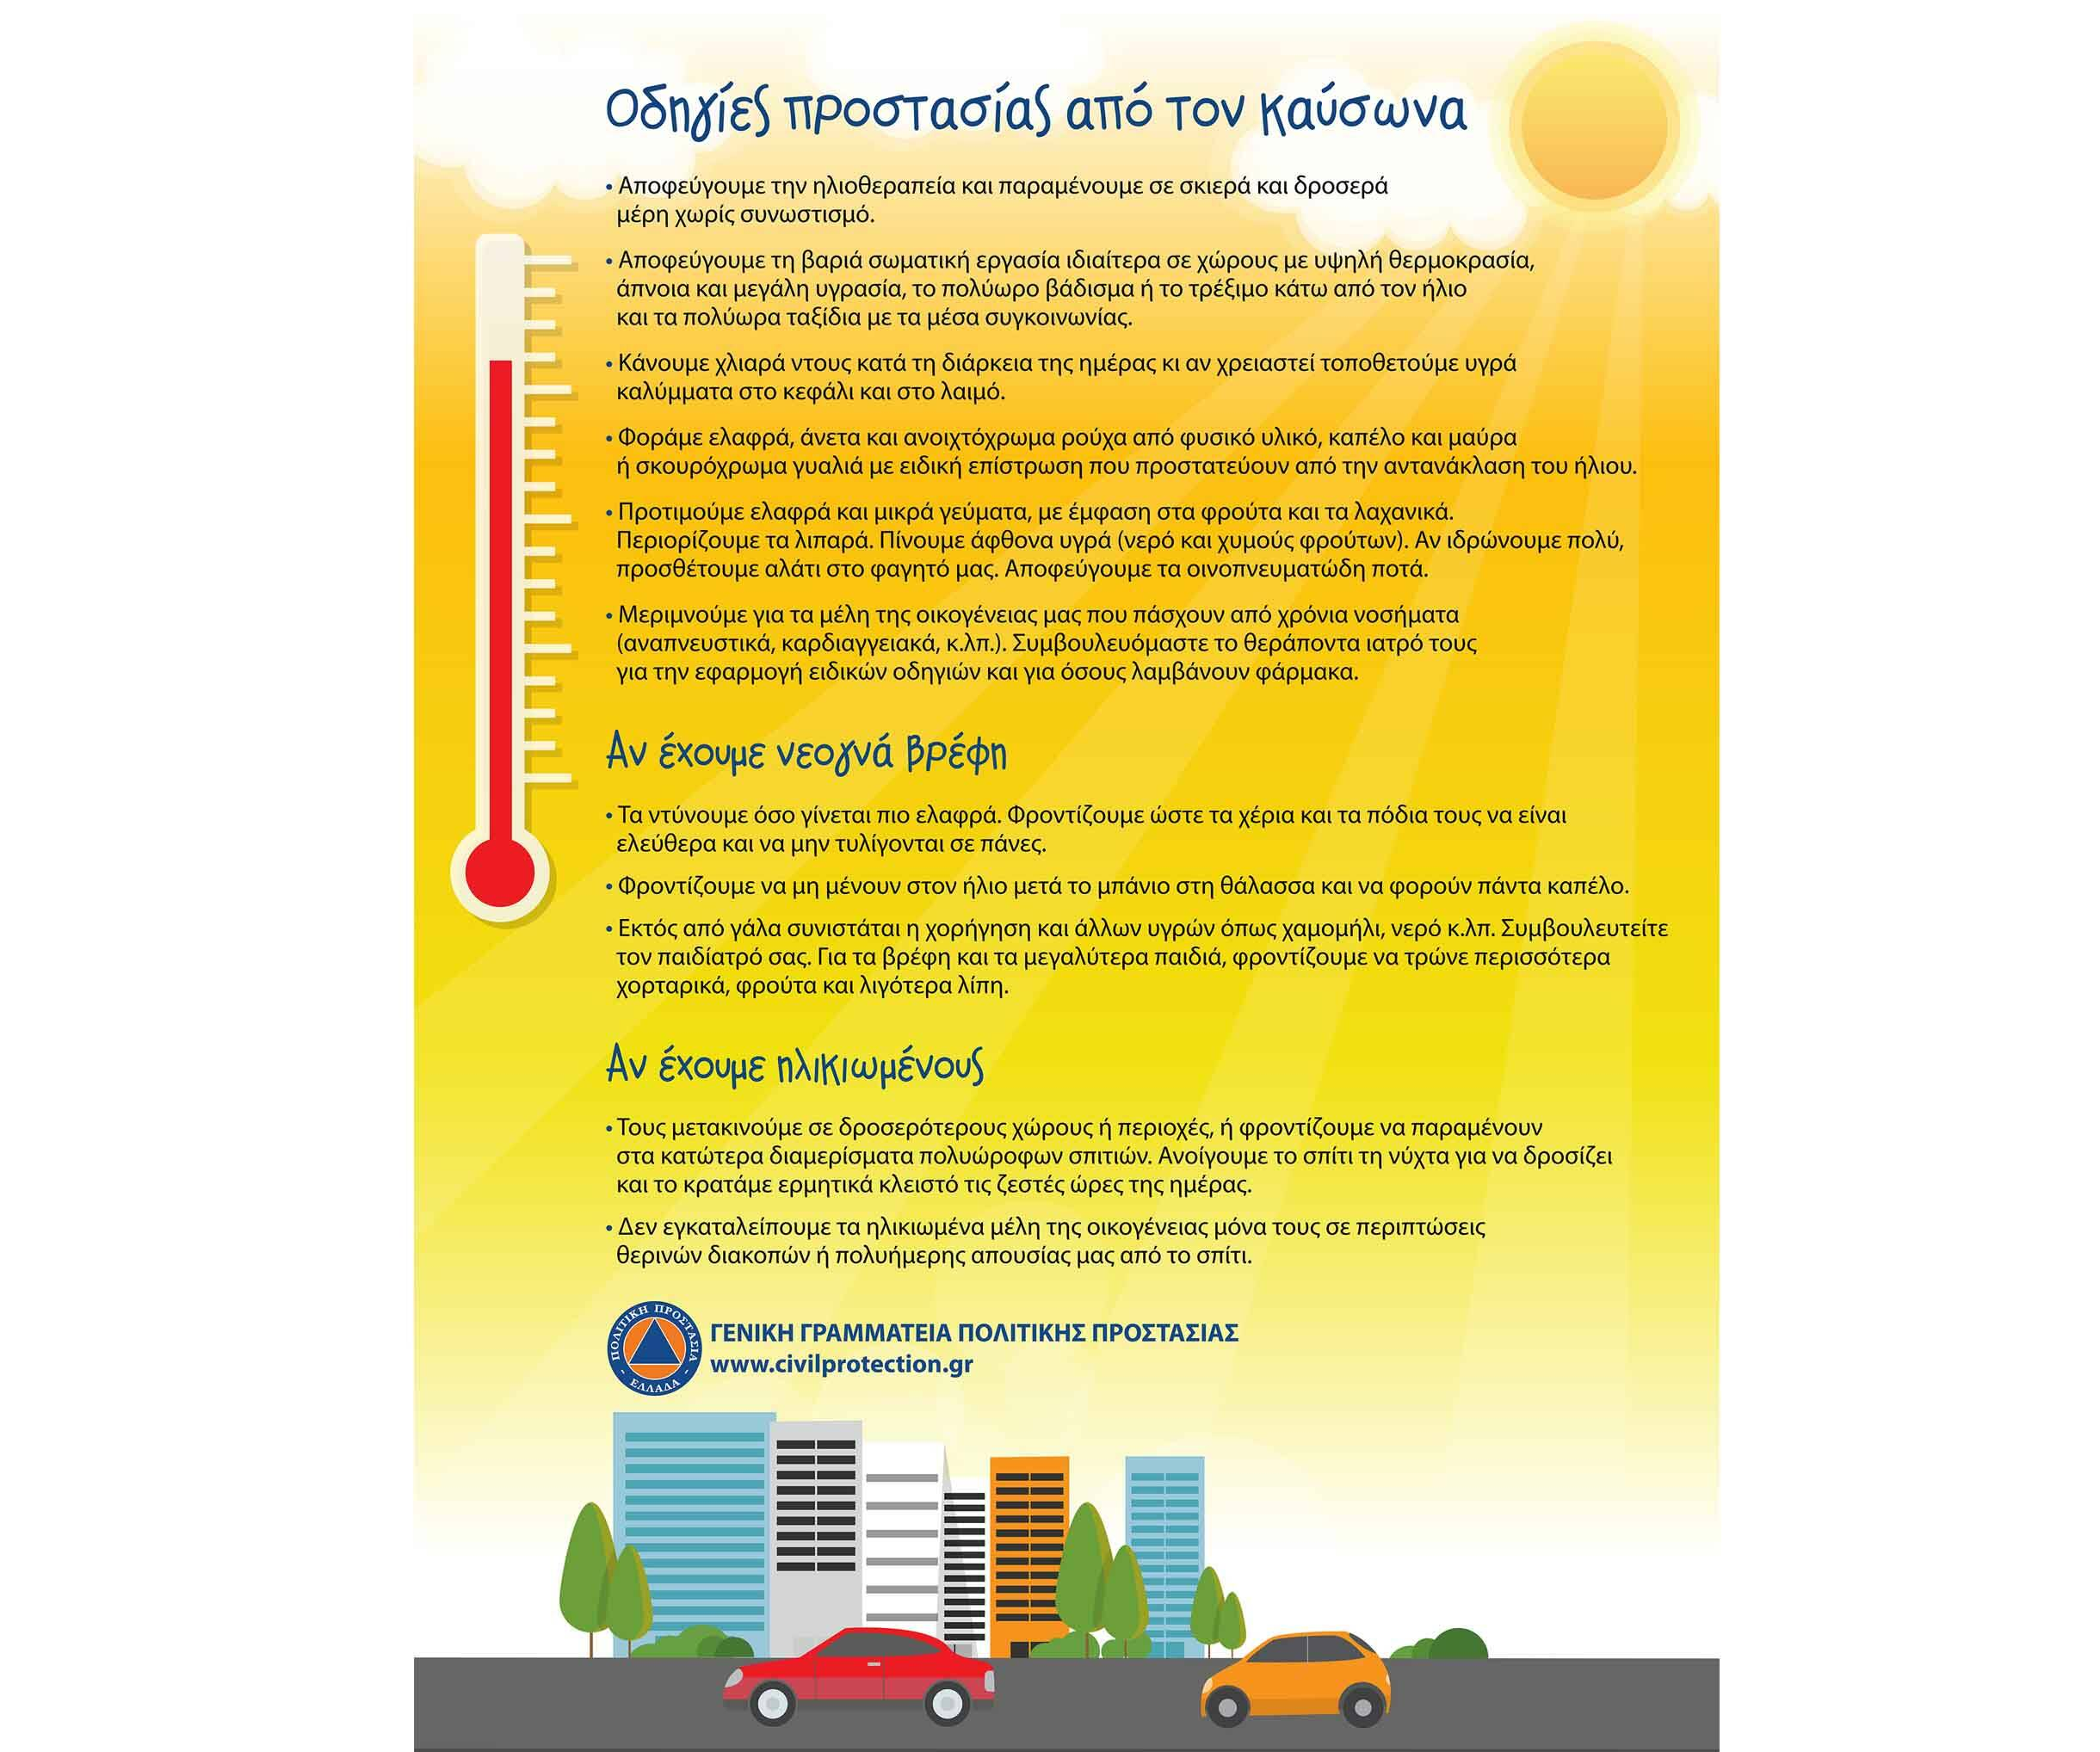 Καιρός: Τριήμερος καύσωνας με υψηλές θερμοκρασίες – Οδηγίες προστασίας στους πολίτες